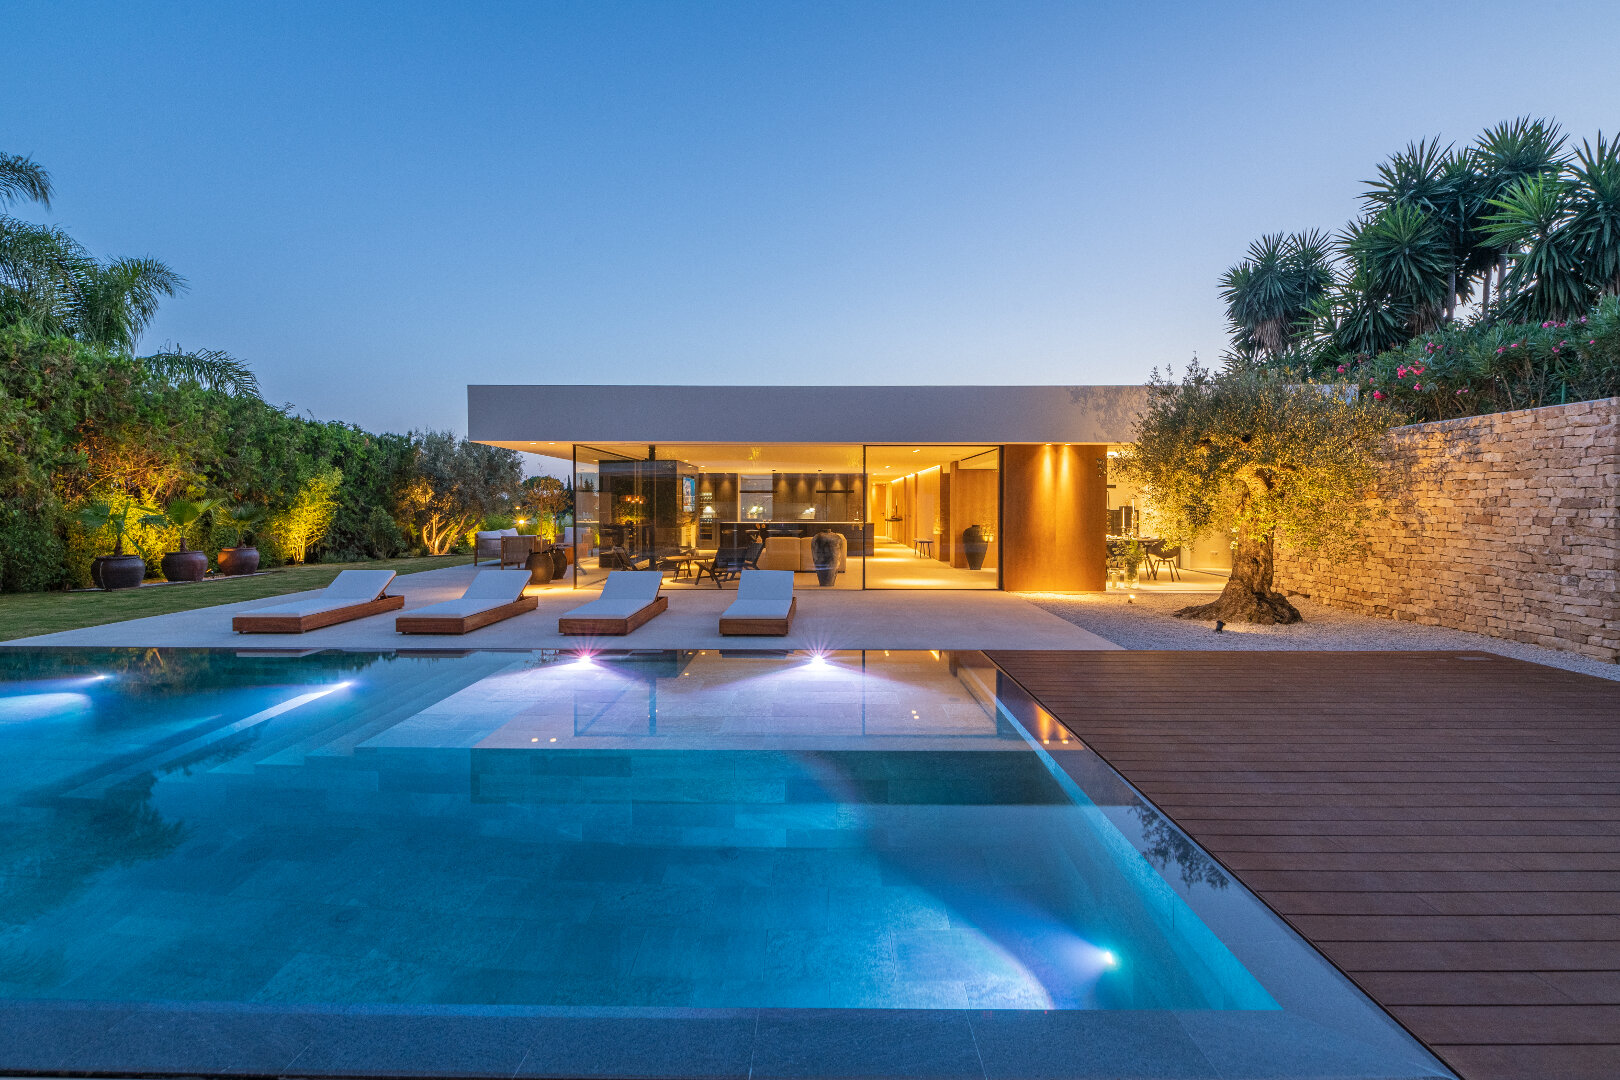 Ibiza style villa La cerquilla Nueva Andalucia Marbella_Realista Quality Real Estate